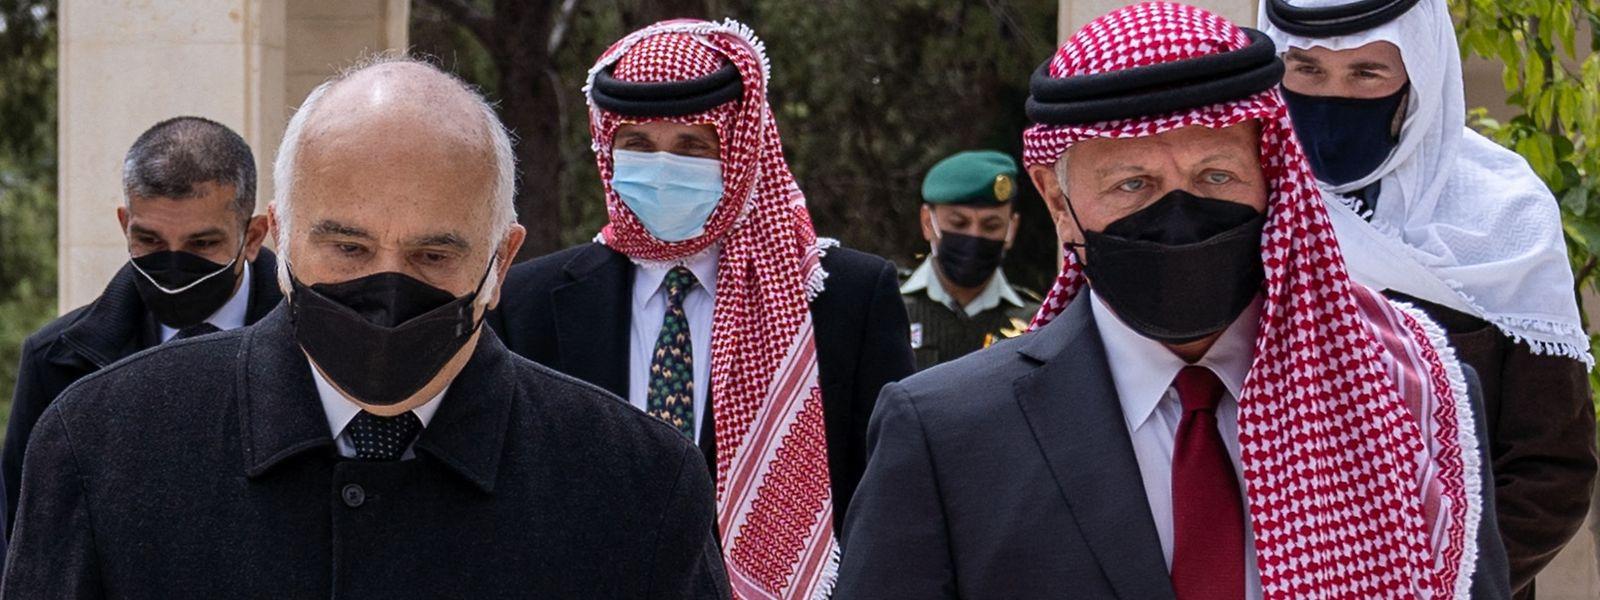 In Jordanien sind König Abdullah II (r.)  und Prinz Hamsa (Mitte) zum ersten Mal seit einer Palastfehde wieder gemeinsam aufgetreten.